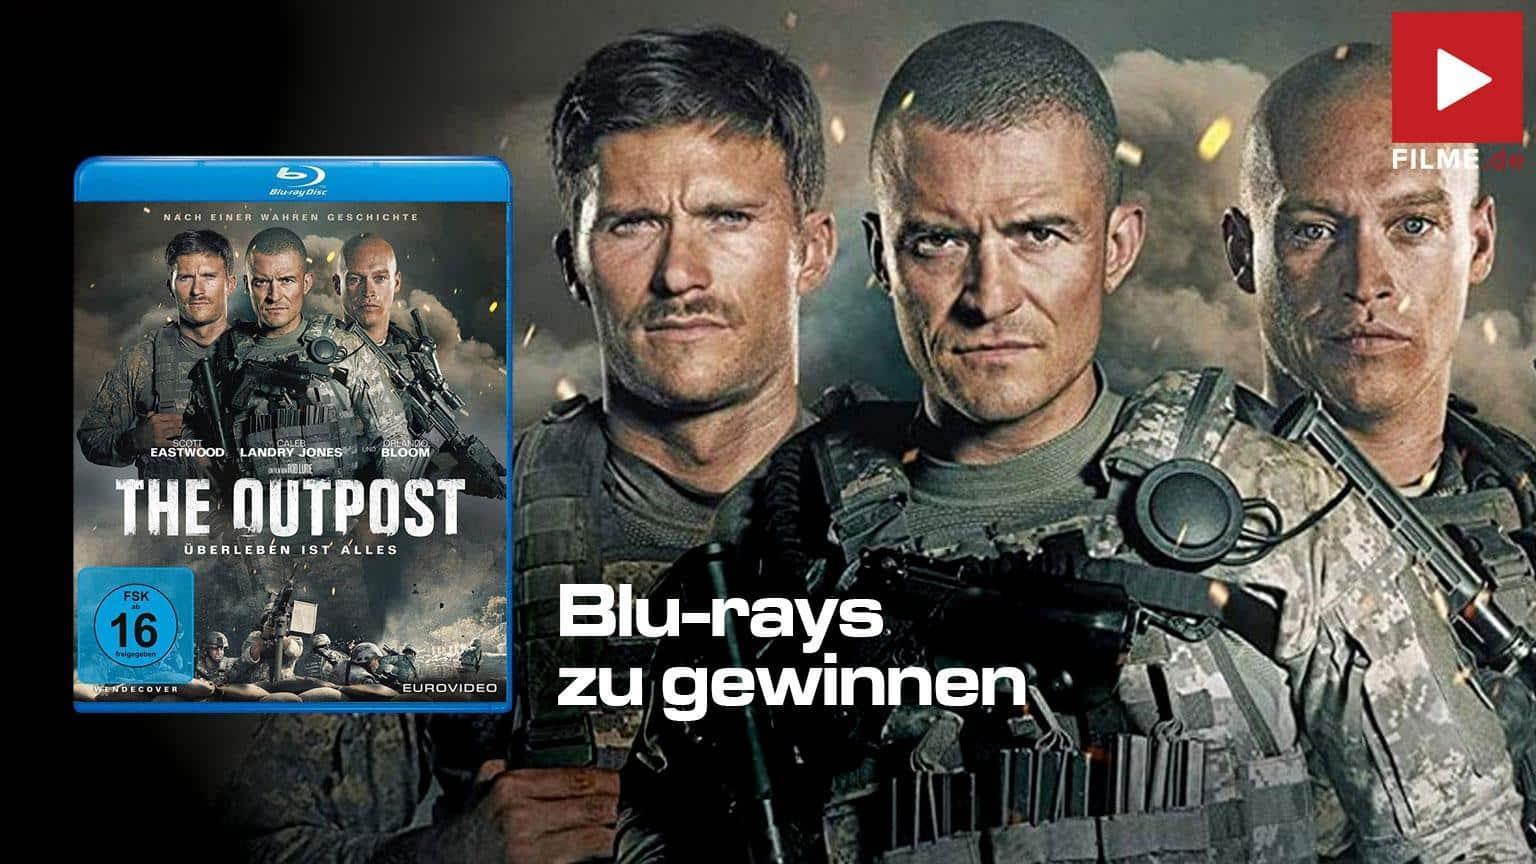 The Outpost - Überleben ist alles [Blu-ray] Gewinnspiel gewinnen Film 2021 shop kaufen Artikelbild